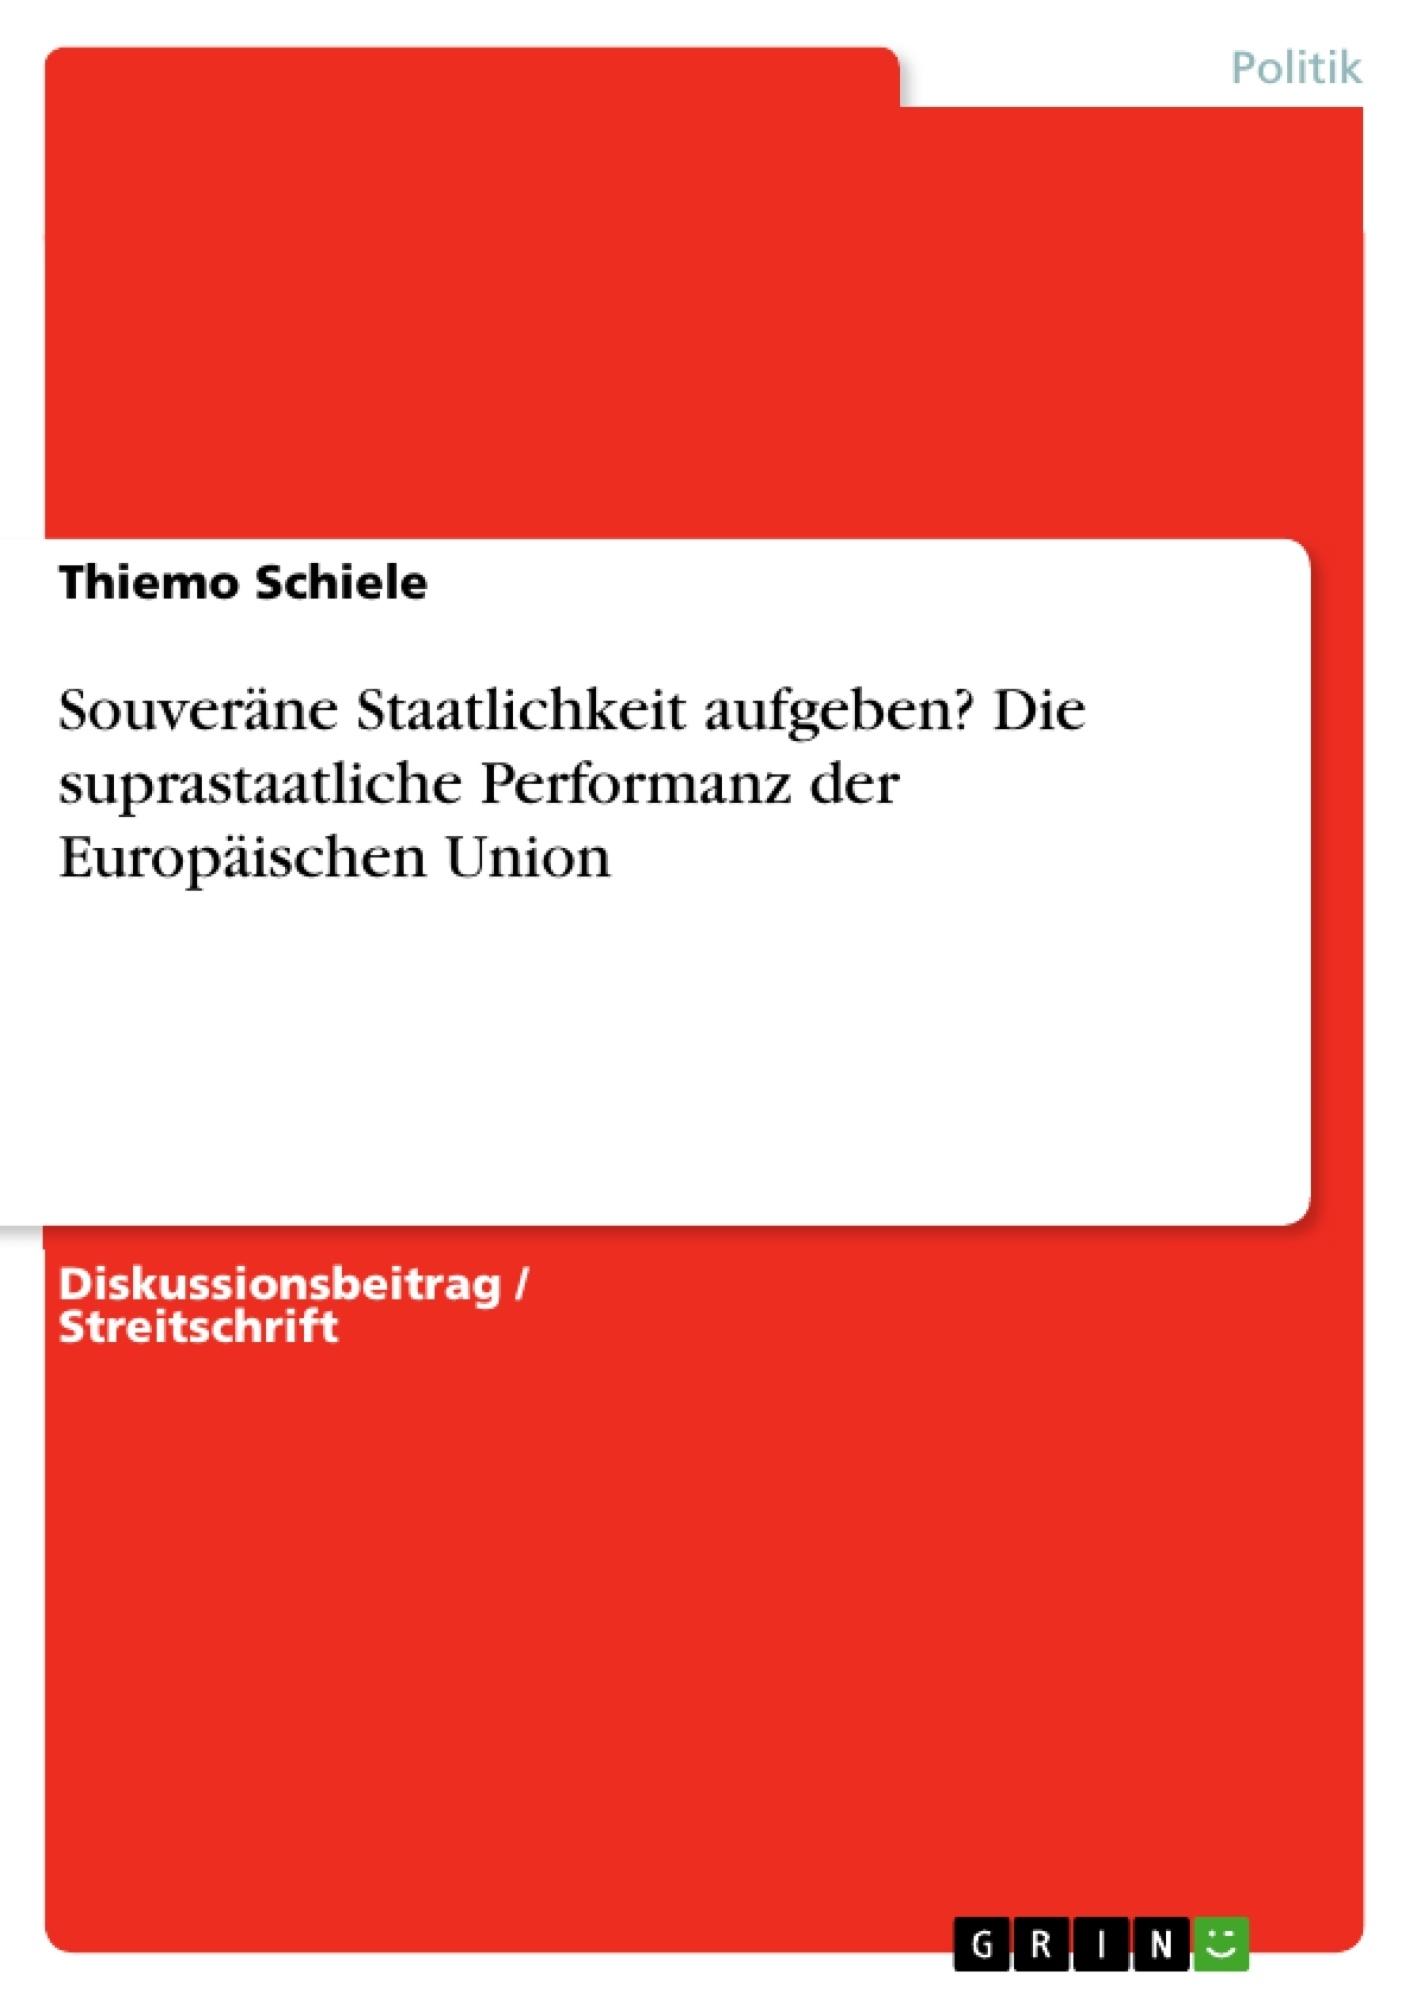 Titel: Souveräne Staatlichkeit aufgeben? Die suprastaatliche Performanz der Europäischen Union